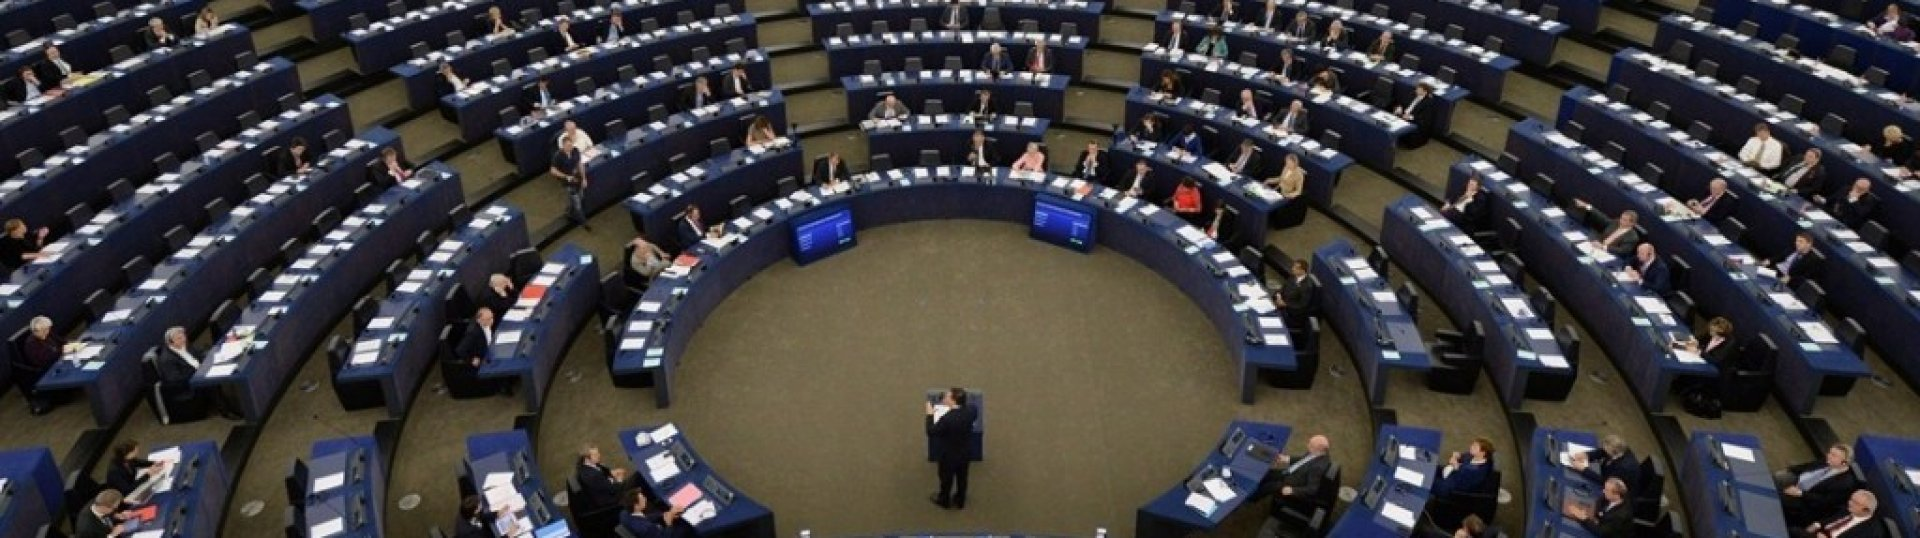 Új tanulmány: Közép-európai EP-képviselők karrierútjai